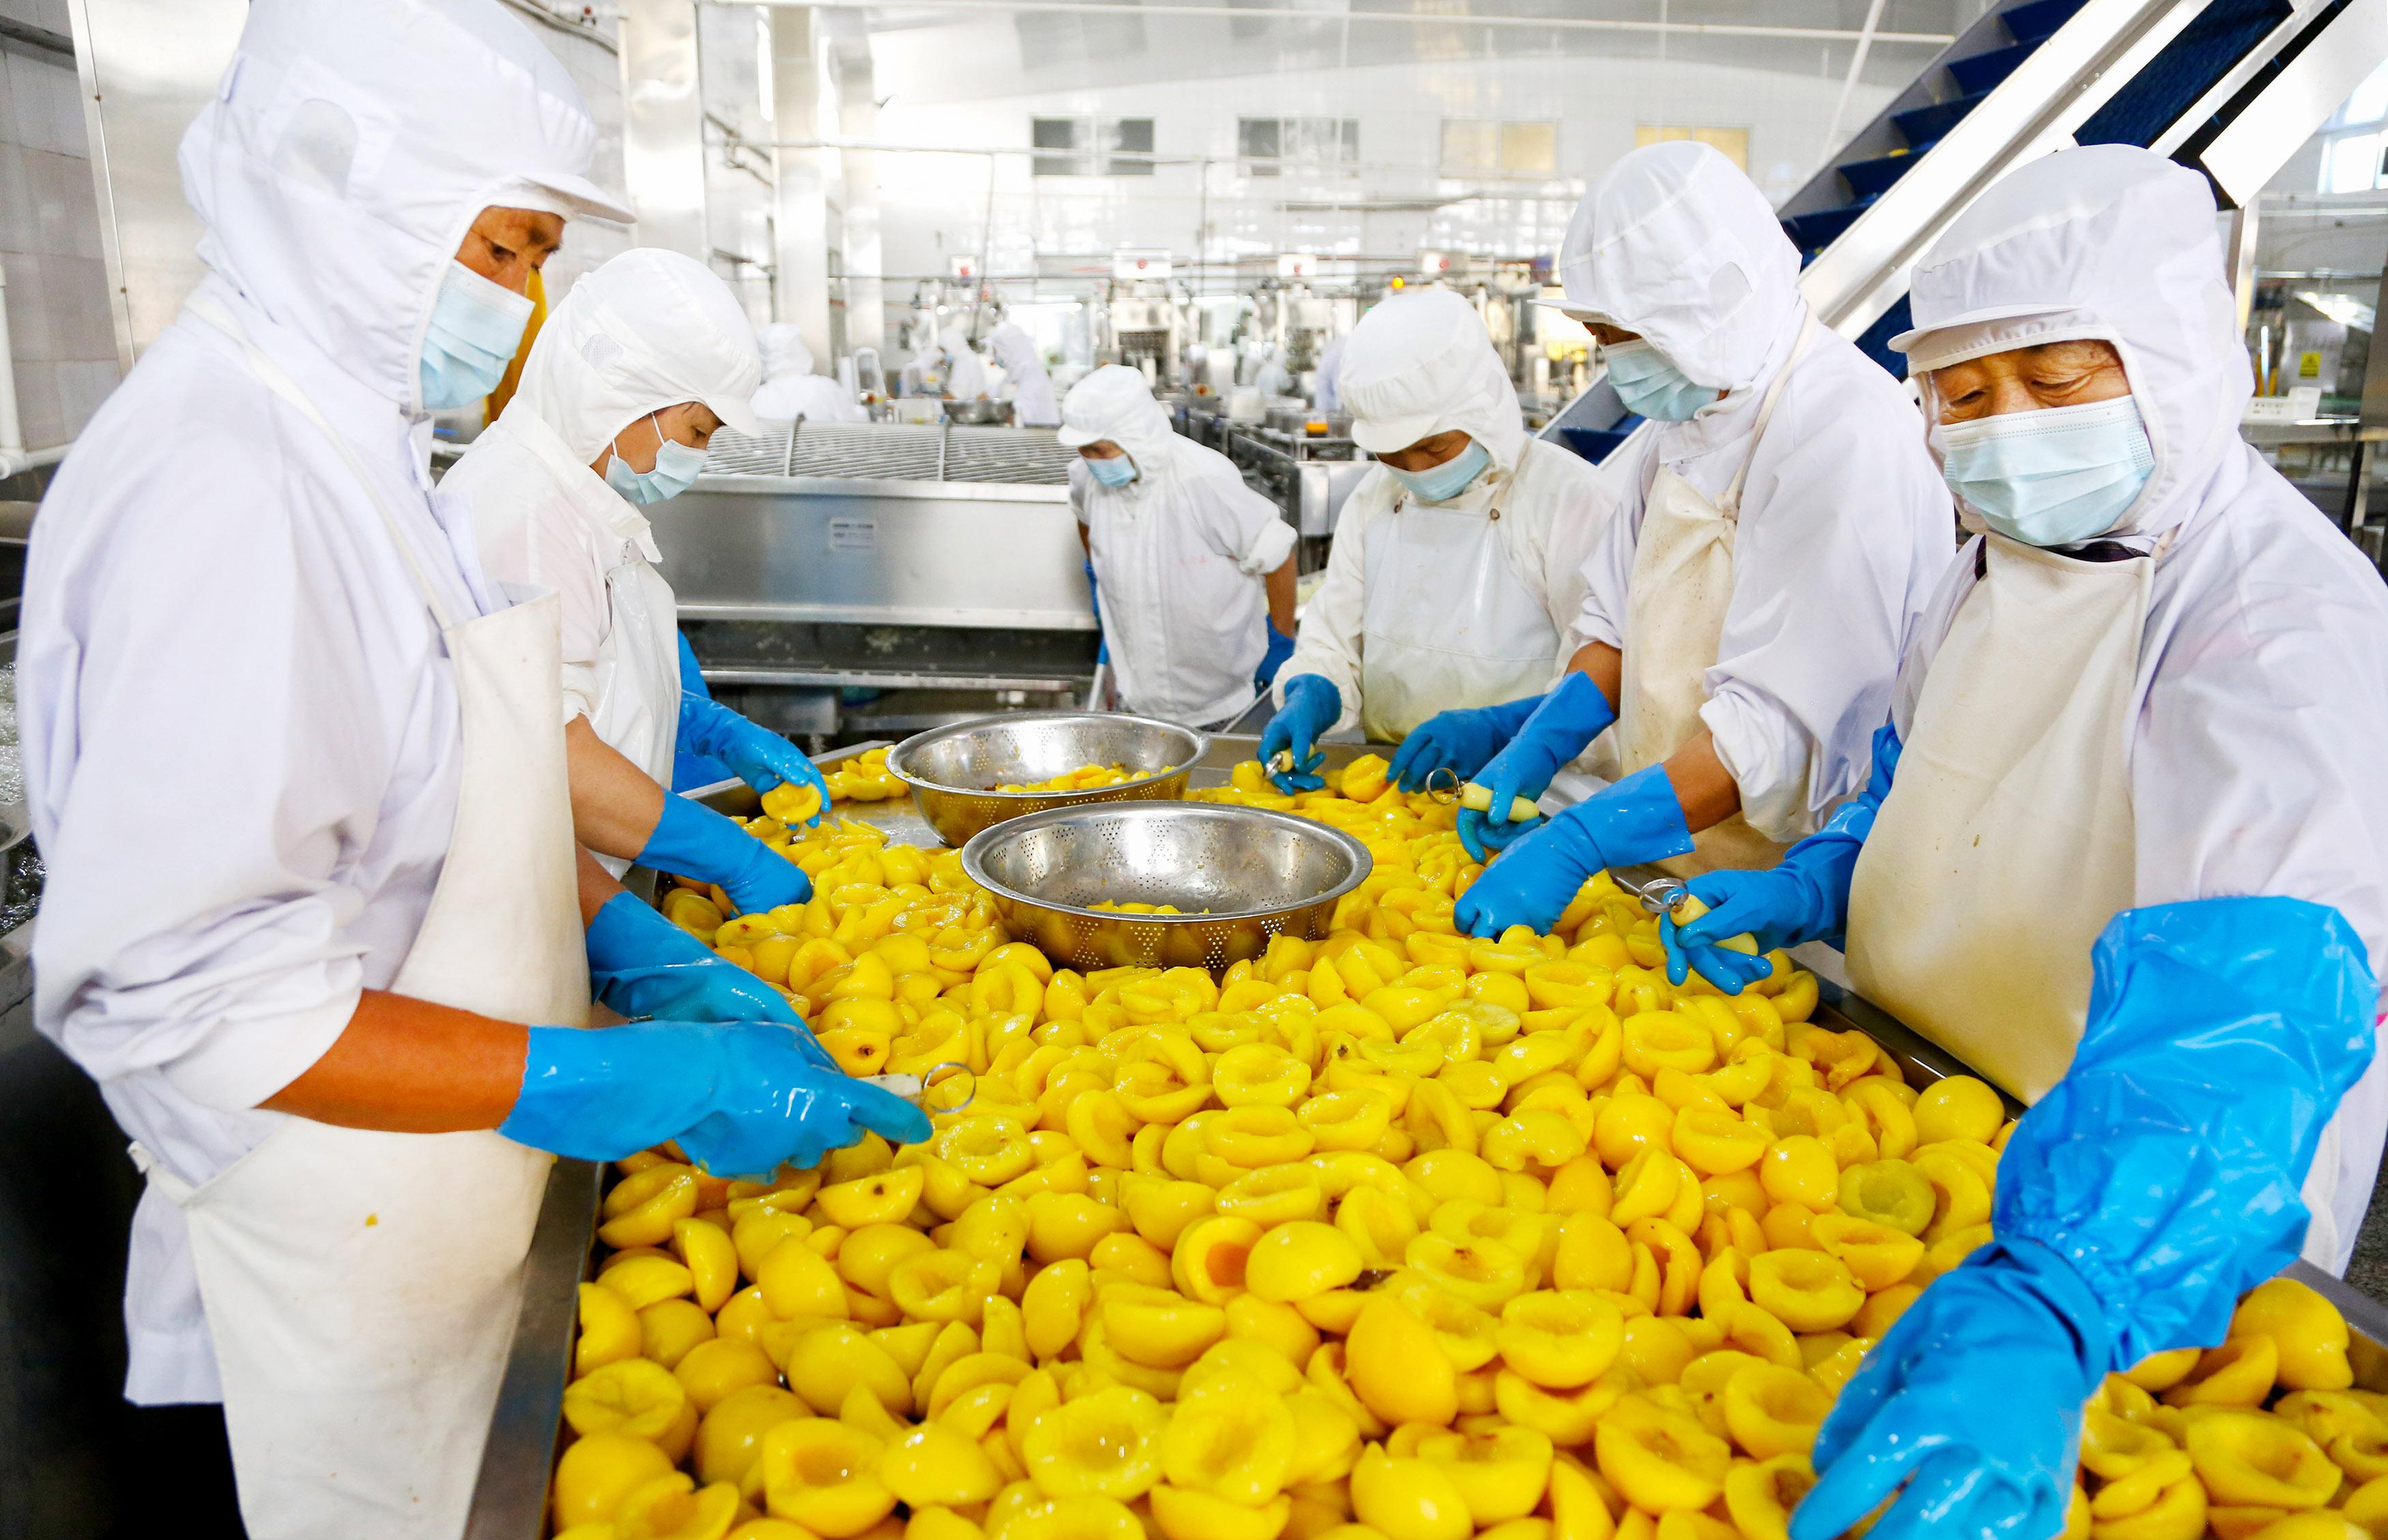 黃桃進入收獲季節 罐頭暢銷國內外市場